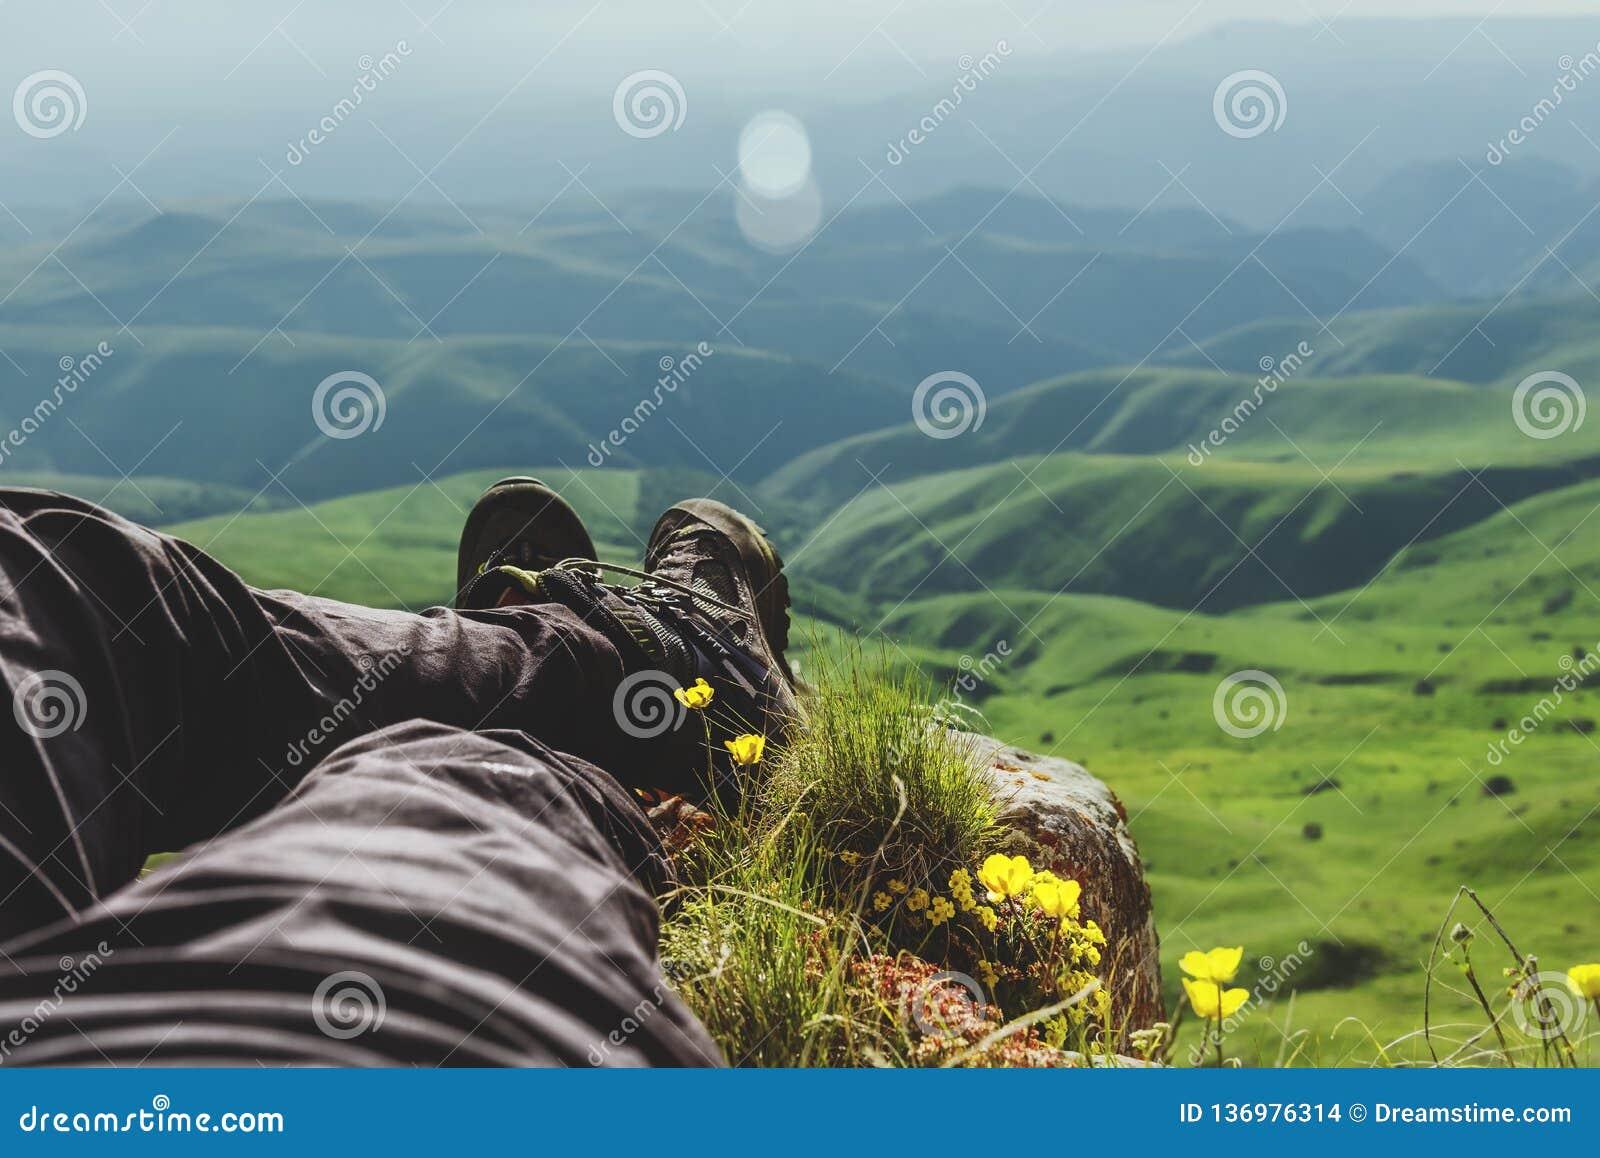 Tipo de botas de la primera persona en las montañas